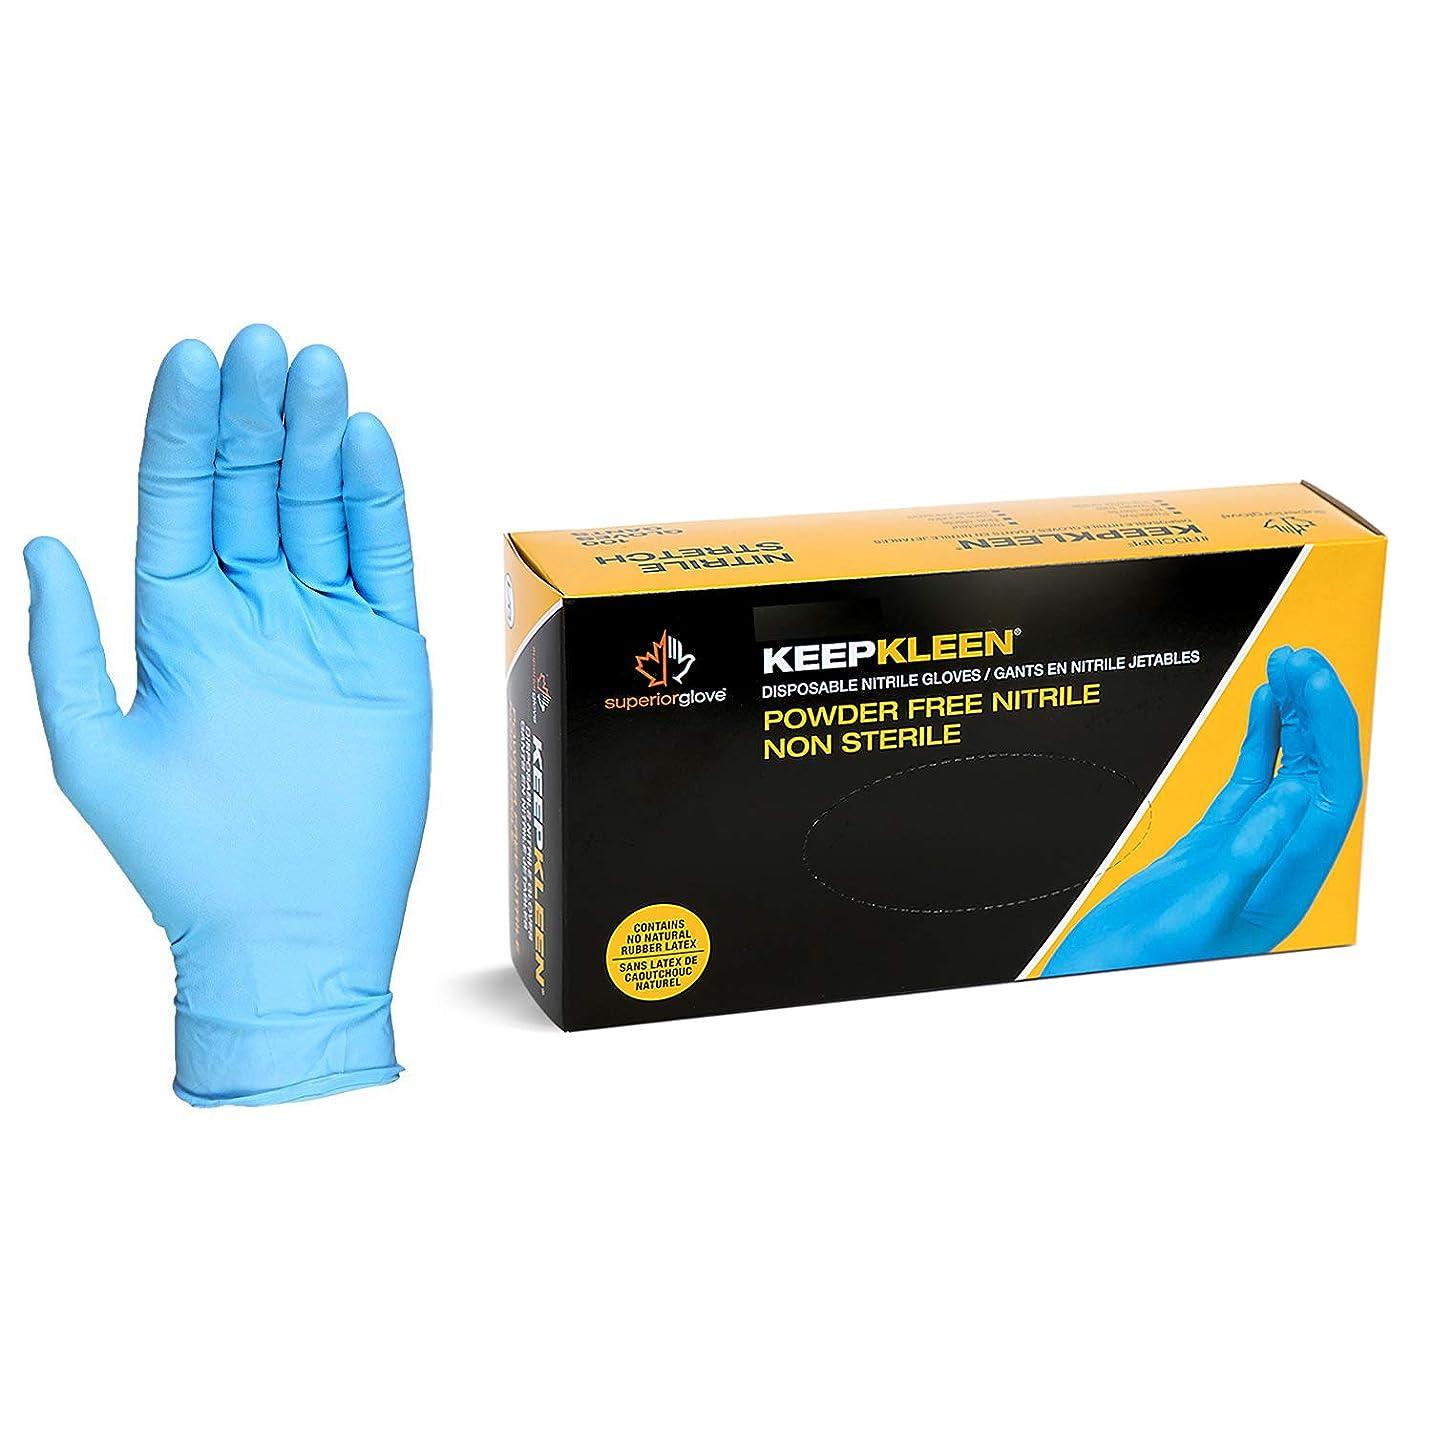 認知貝殻振る優れたkeepkleen Contourニトリル手袋、作業、使い捨て、パウダーフリー、4ミル厚さ、9?